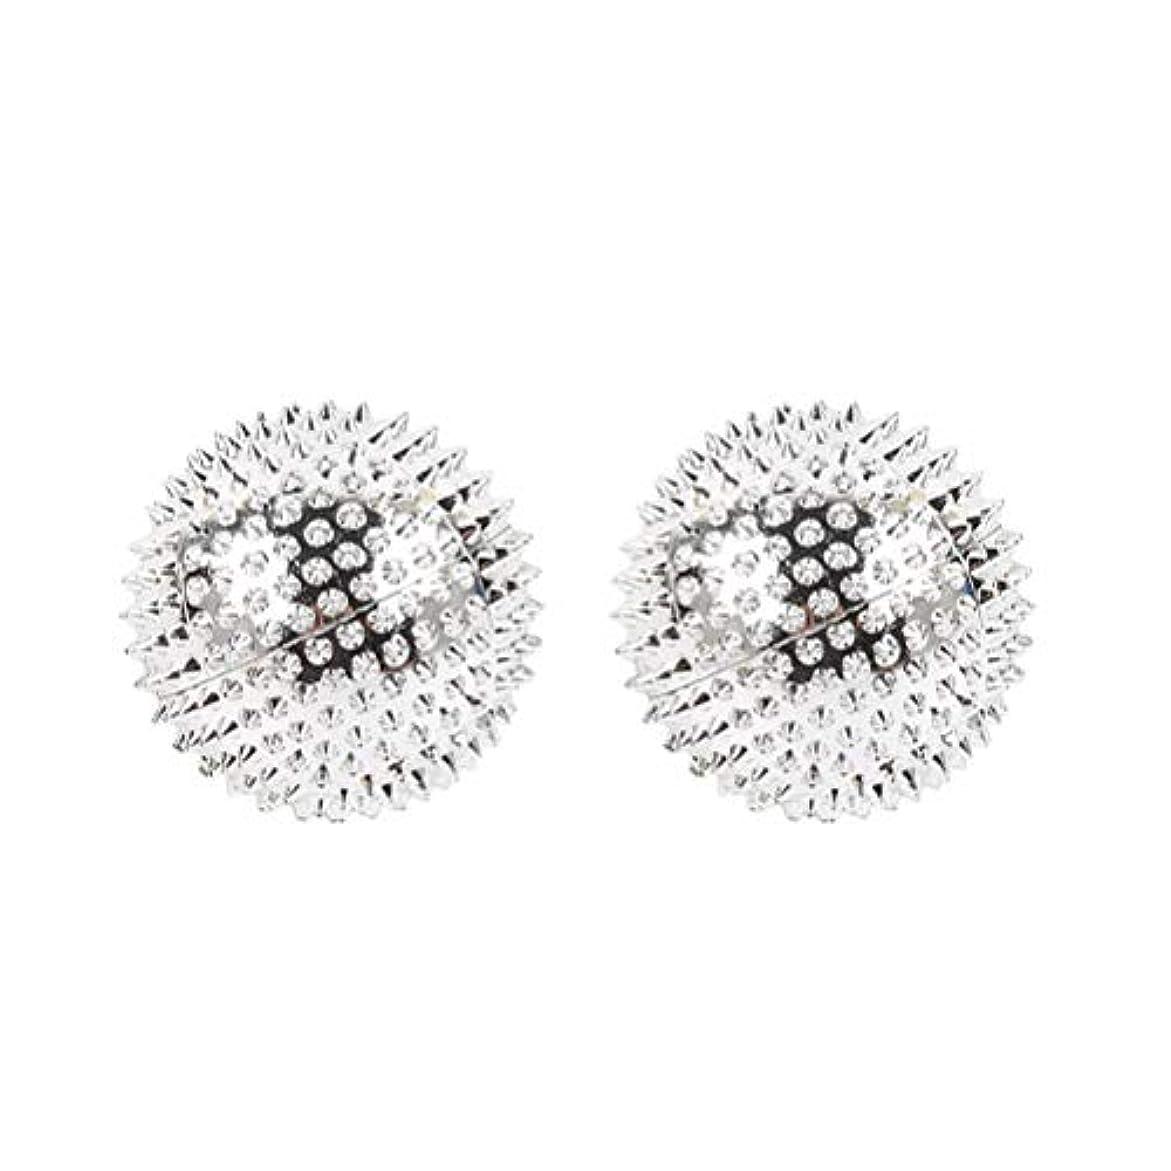 ロイヤリティ改善スイングHEALIFTY 2本スパイシーマッサージボール磁気感覚ボールAcupointsヨガボールフィットネスボールを攪拌